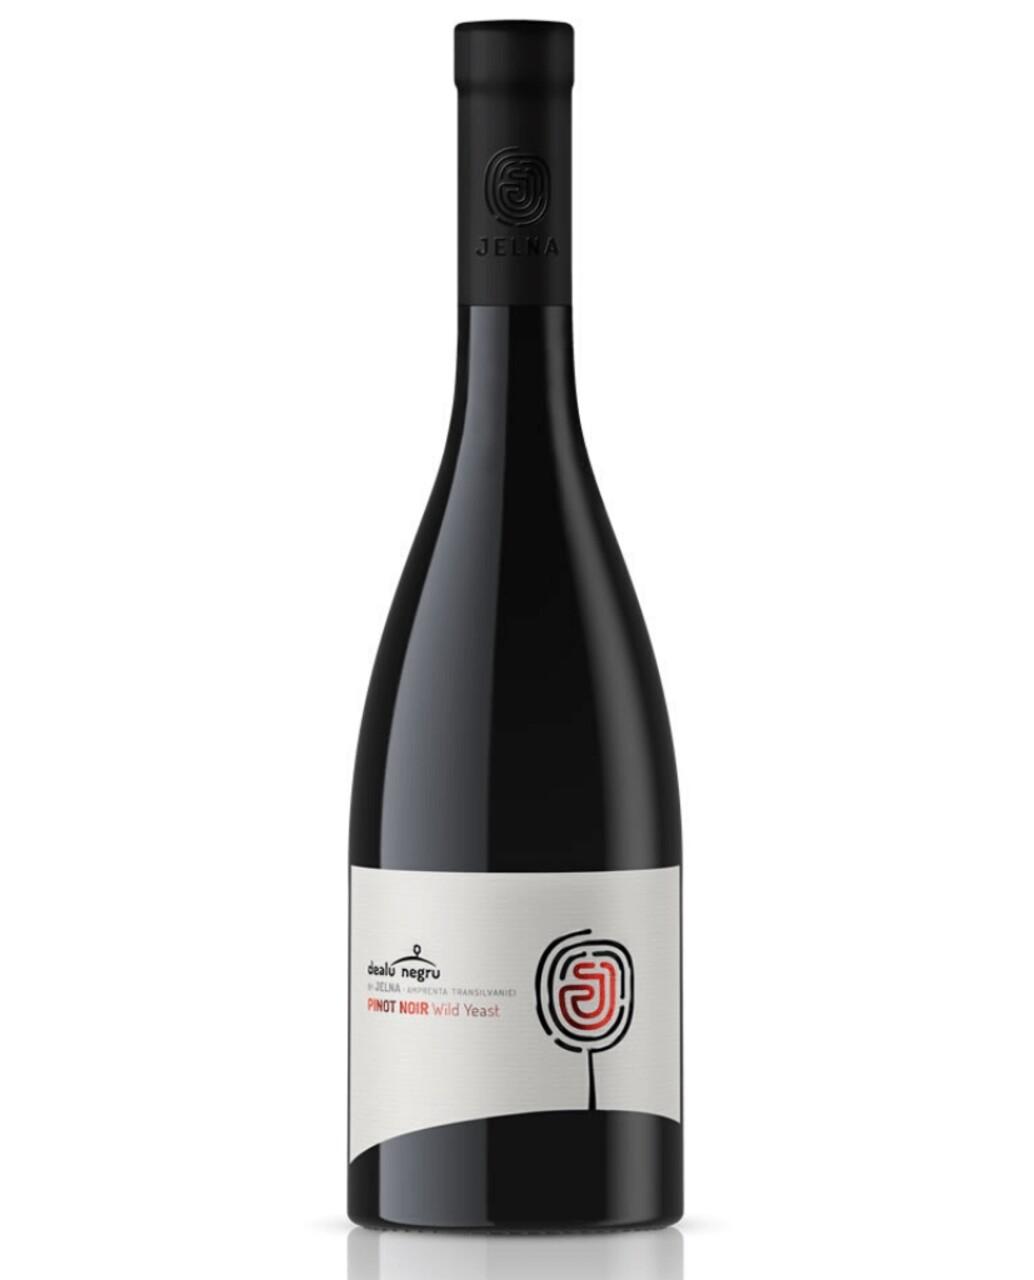 Dealu Negru Jelna Pinot Noir Wild Yeast